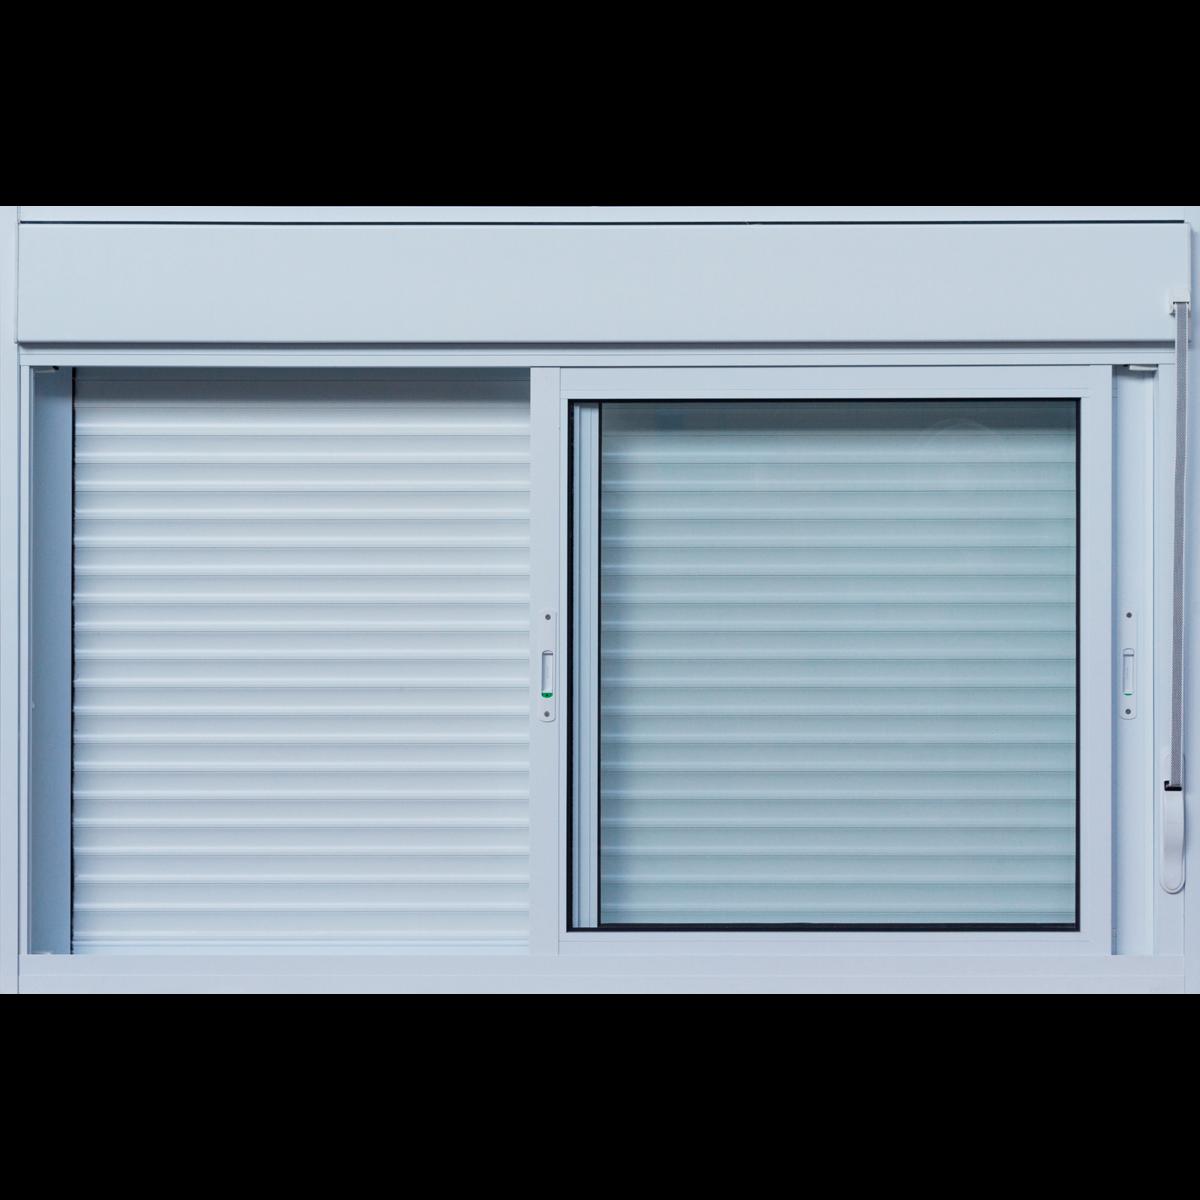 Assista este vídeo com dicas de instalação de portas e janelas de alumínio sob medida.